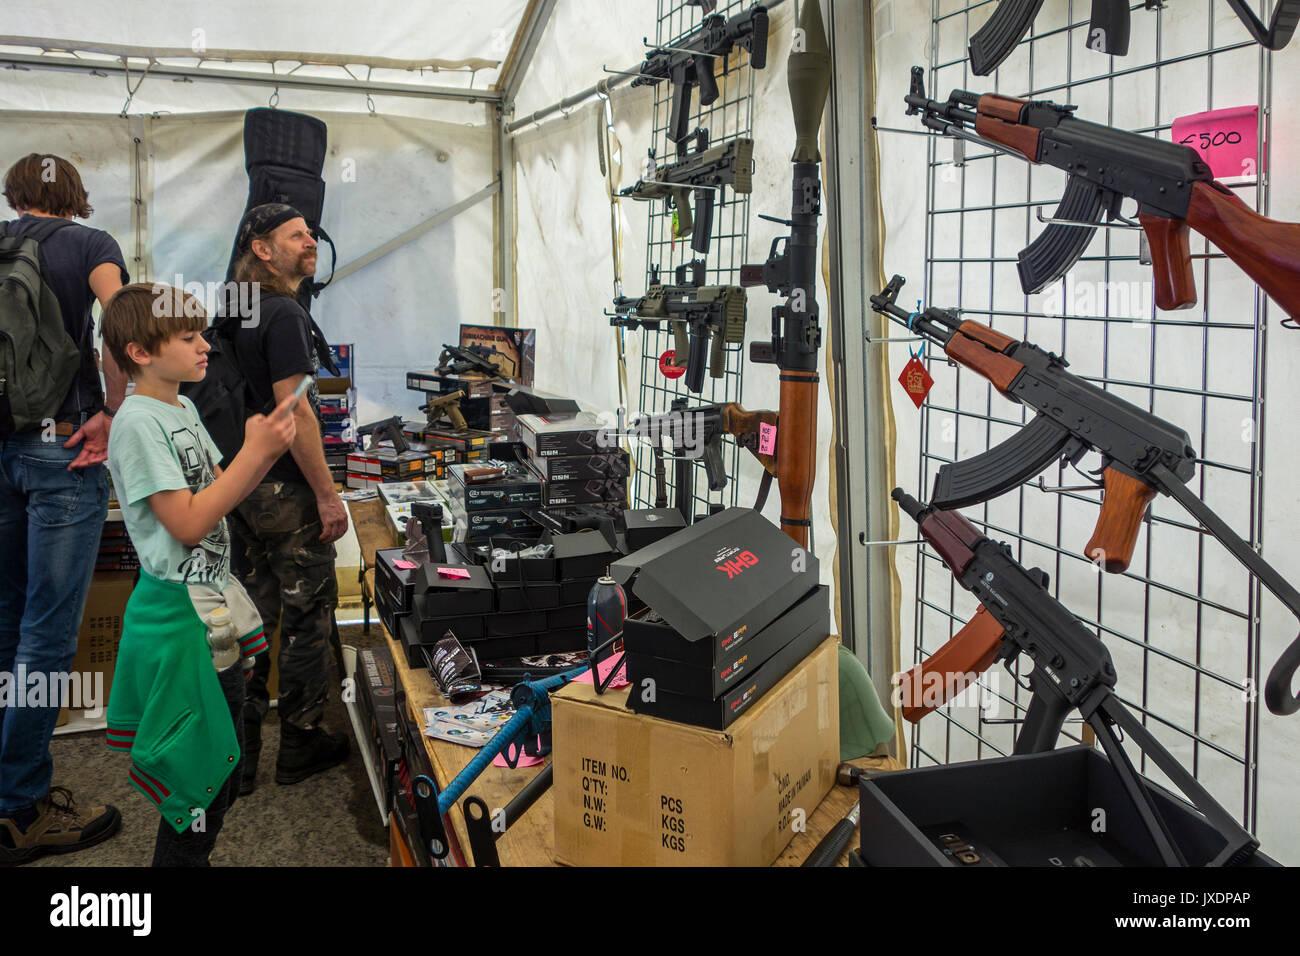 Kind und Besucher, die beim airsoft Waffen zum Verkauf suchen, waffennachbildungen entworfen, realistisch zu echten Feuerwaffen bei militaria Messe ähneln Stockbild